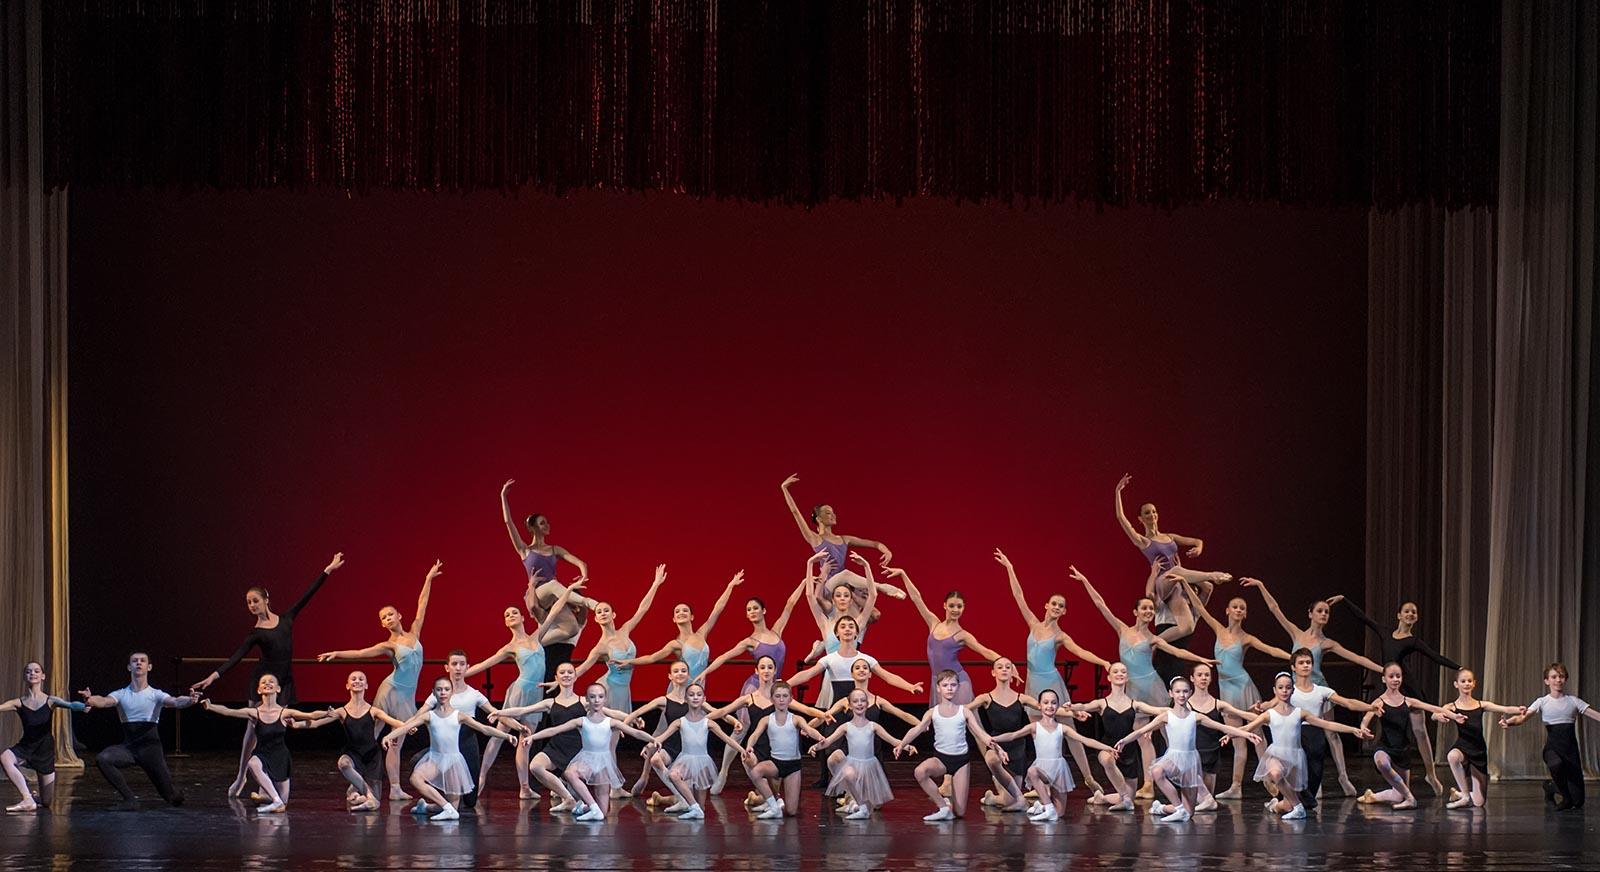 Пмирный прошел отборочный тур открытого городского фестиваля - конкурса хореографического искусства танцующая